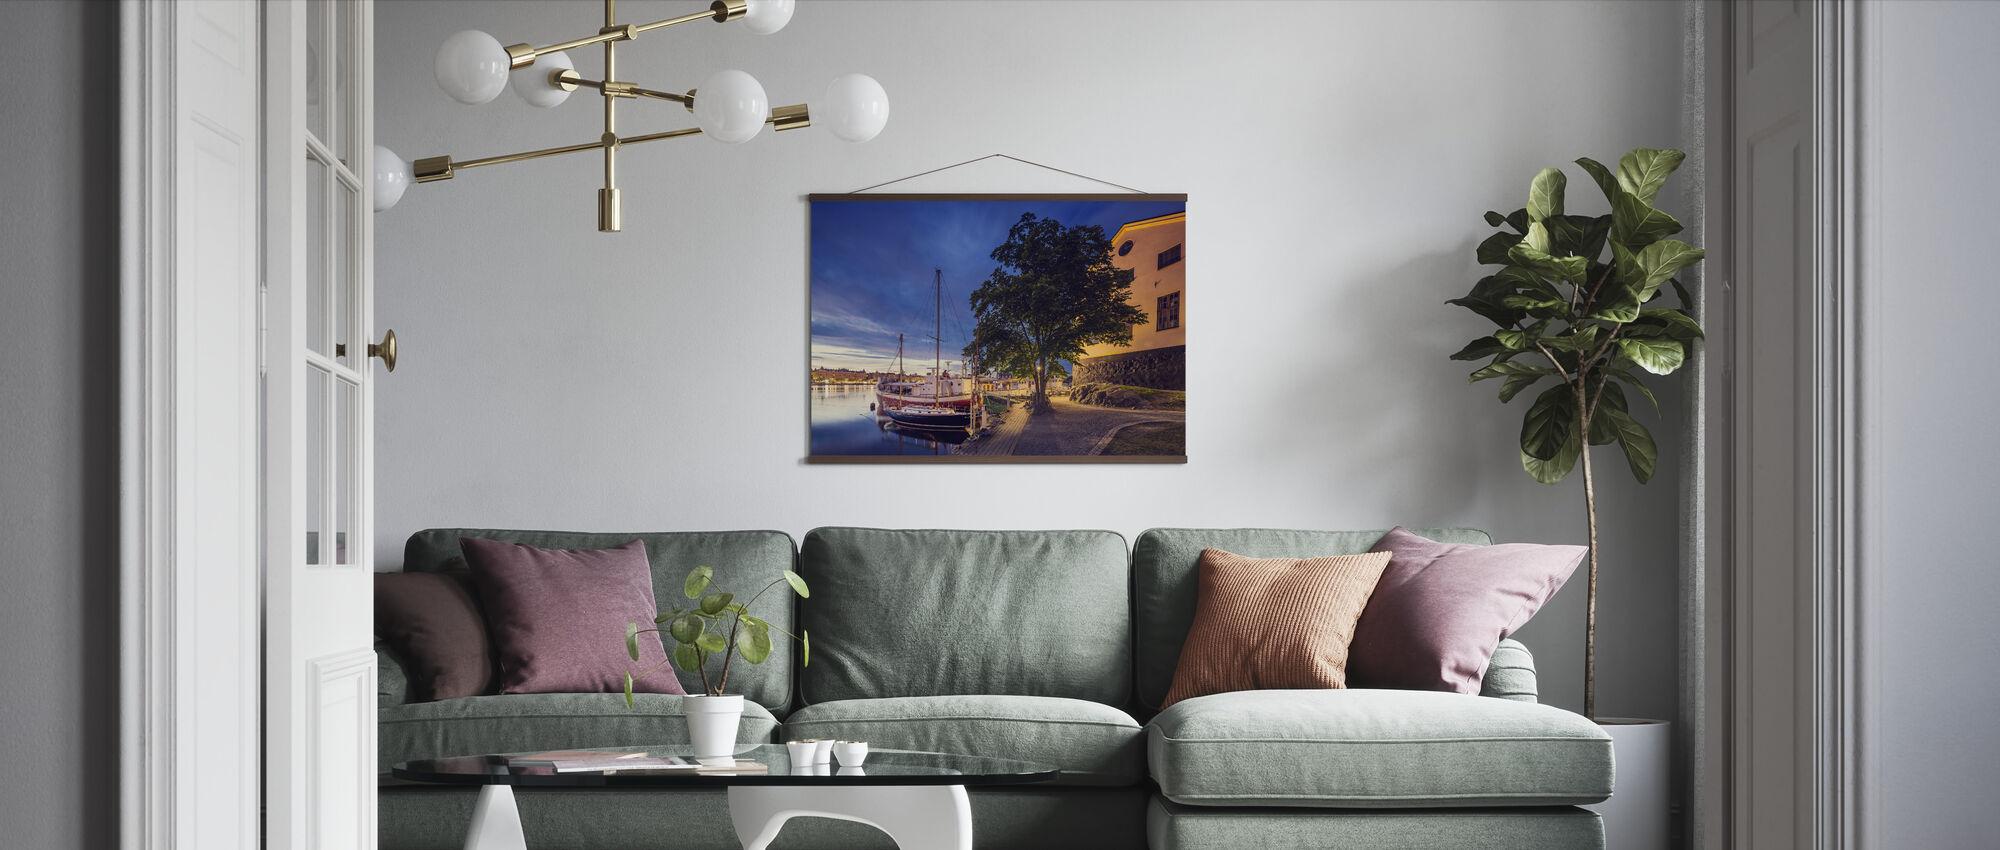 Boats at Dusk, Stockholm - Poster - Living Room